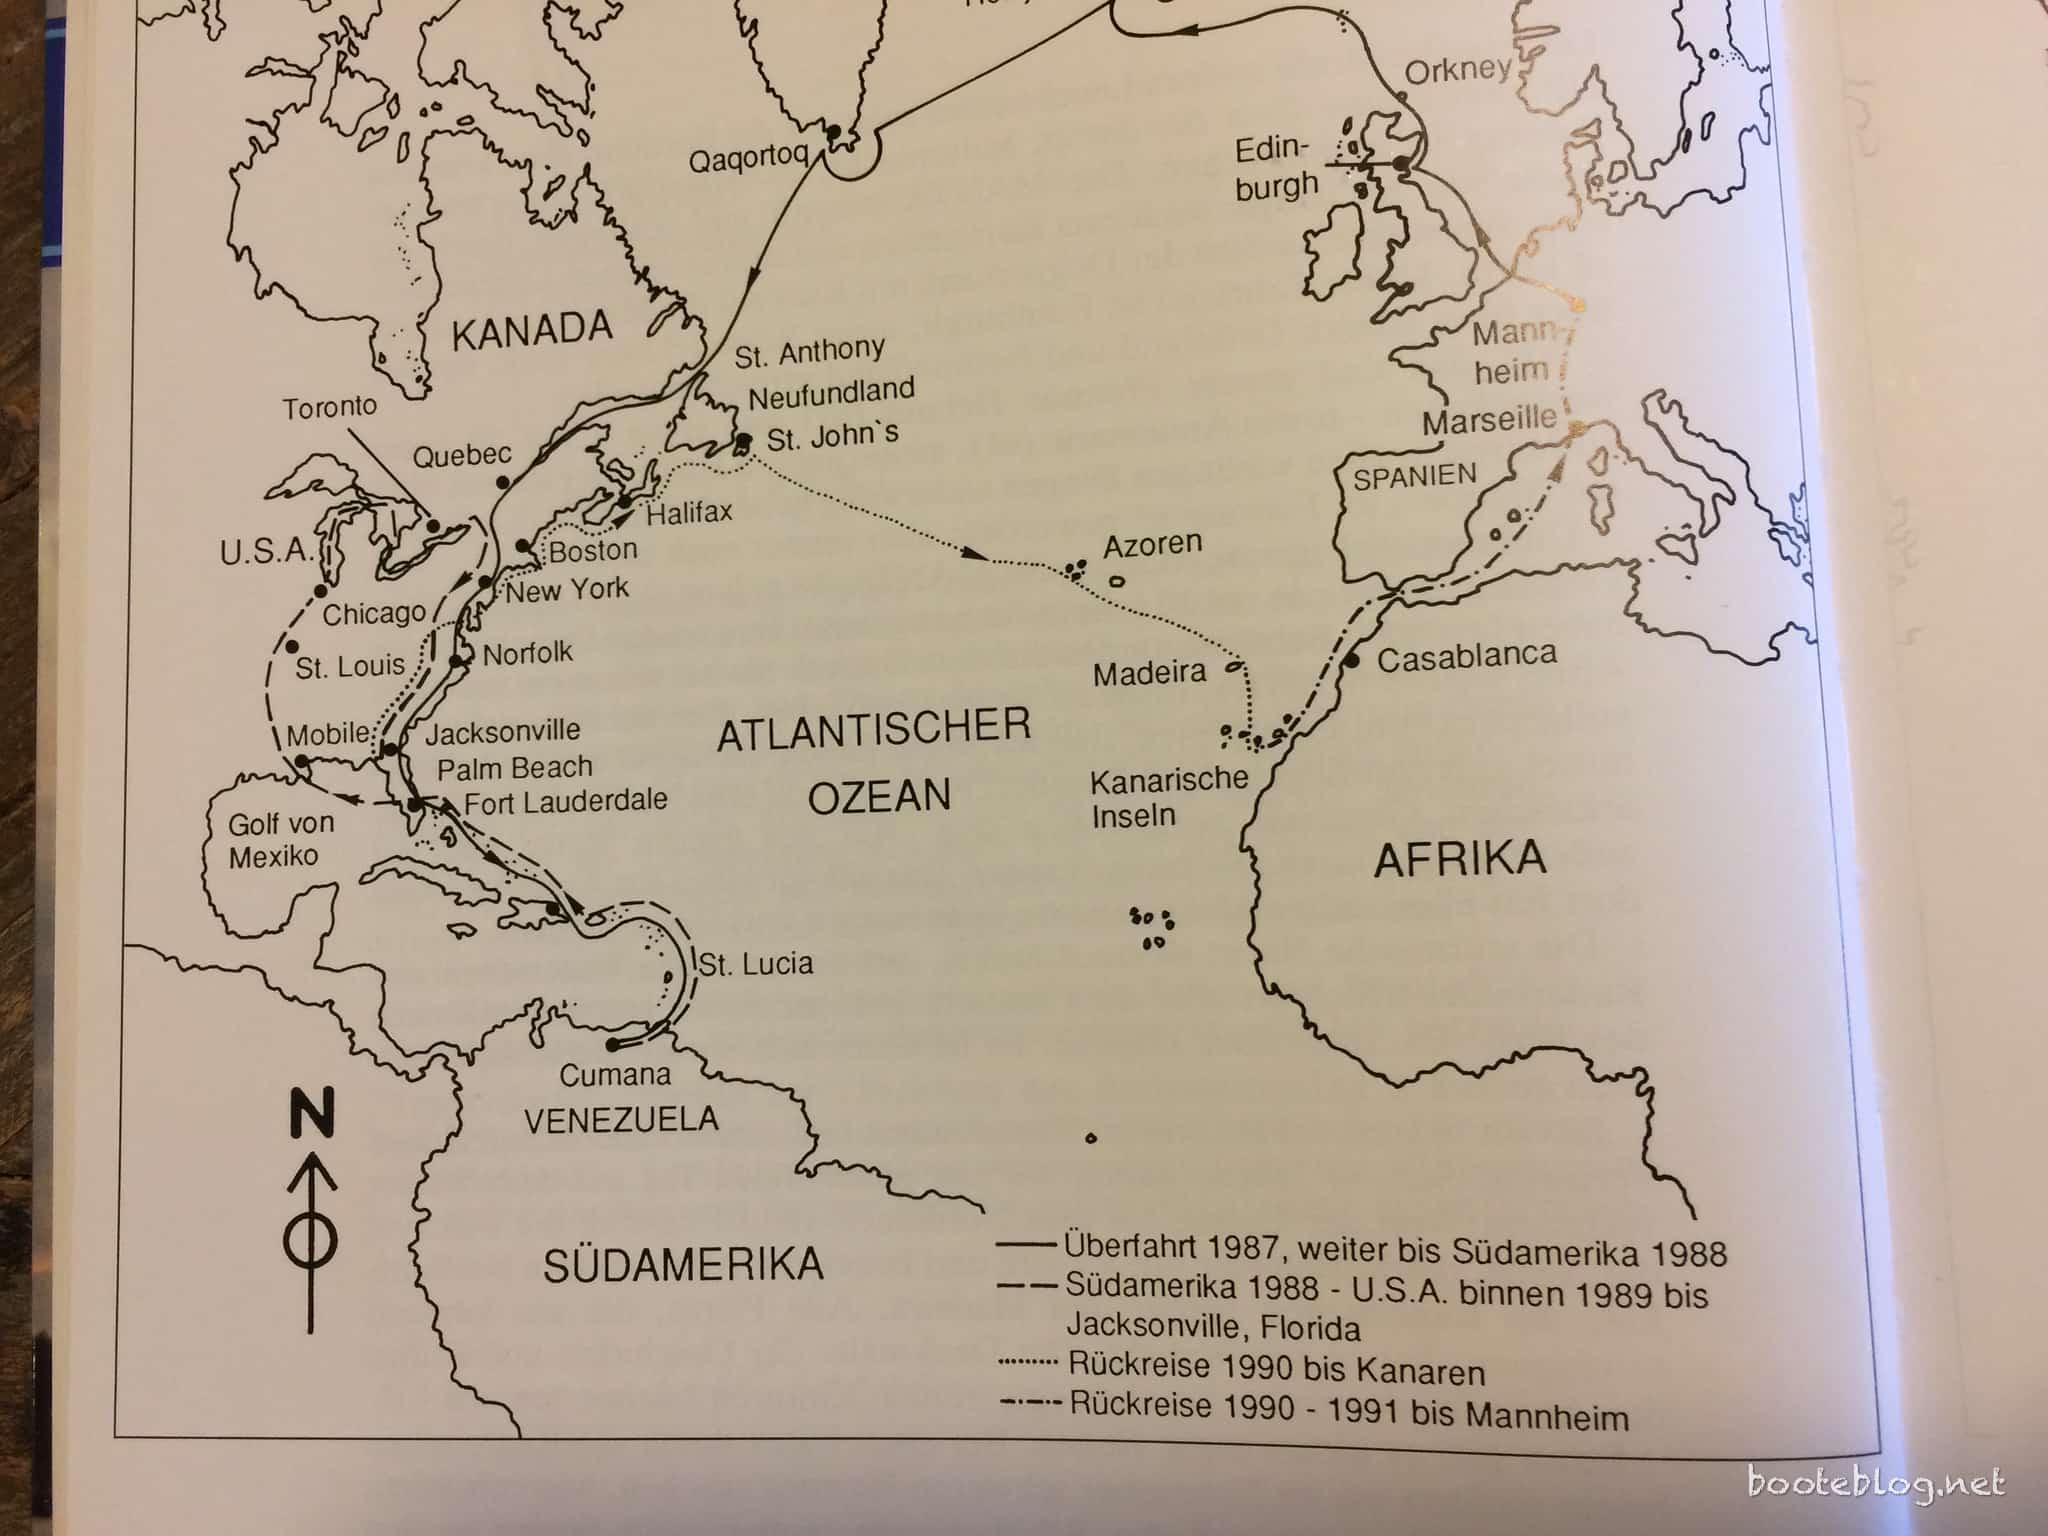 Reiseroute der MANTA von 1997 bis 1991.